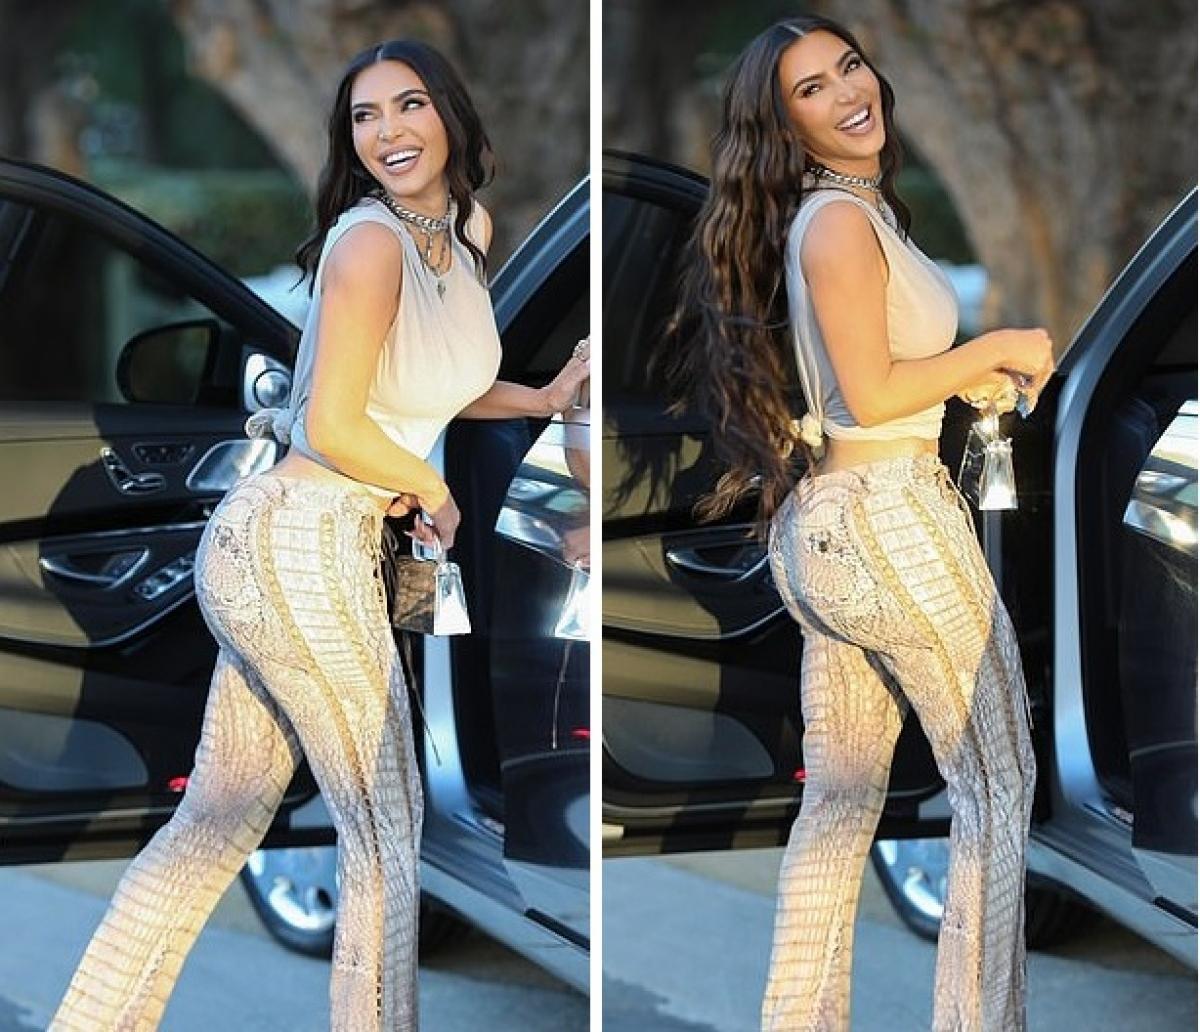 Trang TMZ đưa tin, Kim Kardashian đã đệ đơn ly hôn Kanye West sau gần 7 năm chung sống. Kim đang yêu cầu được quyền nuôi dưỡng hợp pháp 4 người con chung với Kanye, tuy nhiên cả hai sẽ cùng nhau tham gia nuôi dạy con cái. Hai bên cũng đã đạt được thỏa thuận về giải quyết tài sản.